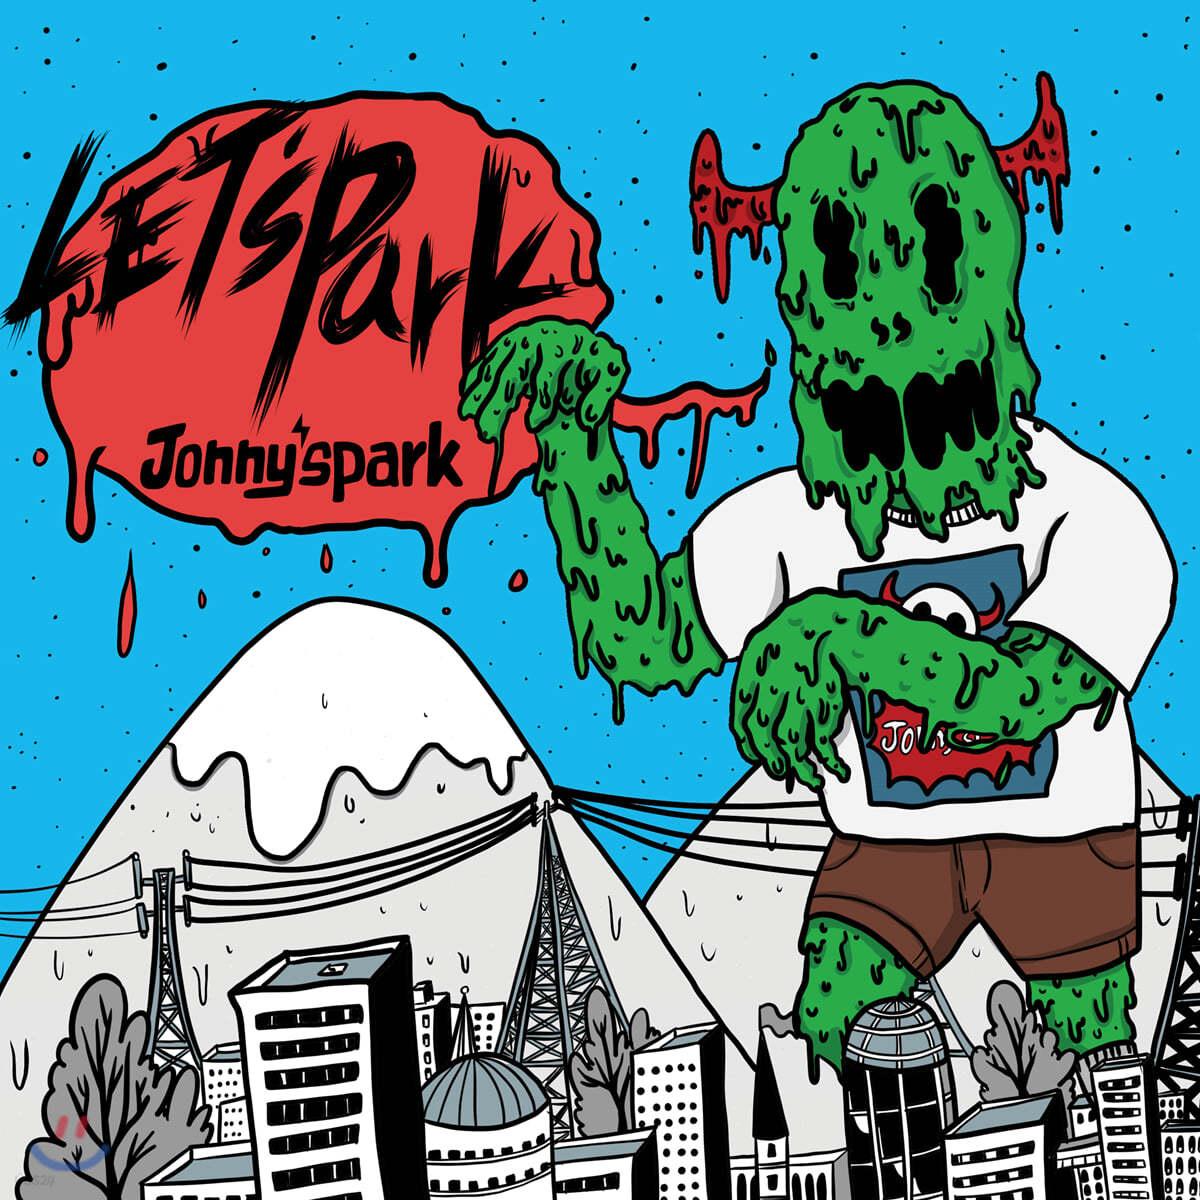 쟈니스파크 (Jonny'spark) - LET'SPARK